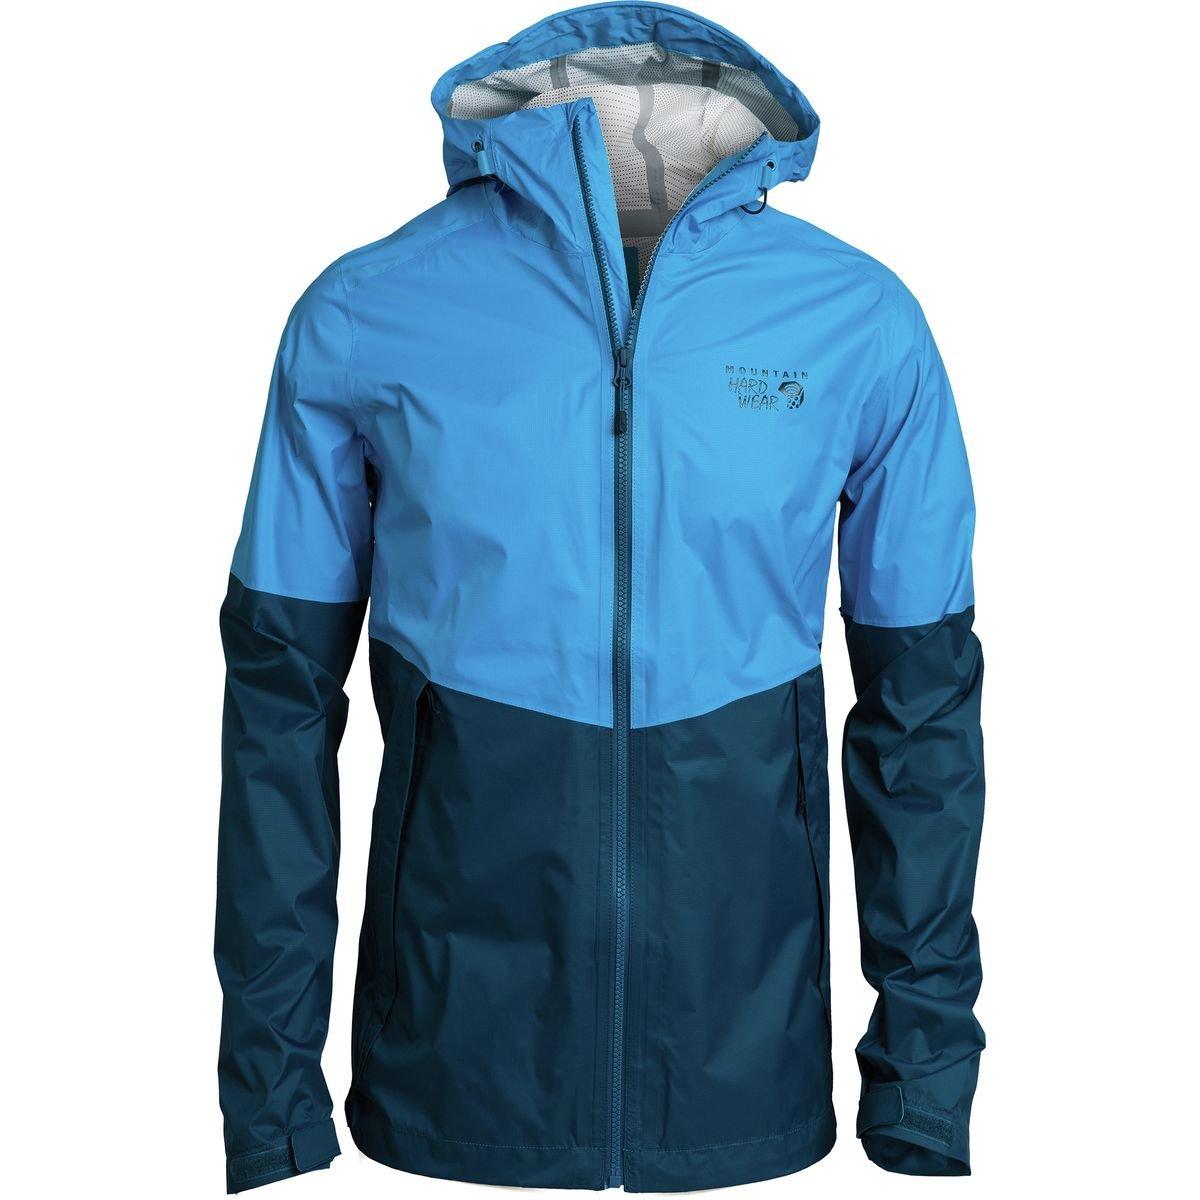 マウンテンハードウェア指数Jacket – Men 's B01GUI20SK 3L|オーシャンブルー オーシャンブルー 3L